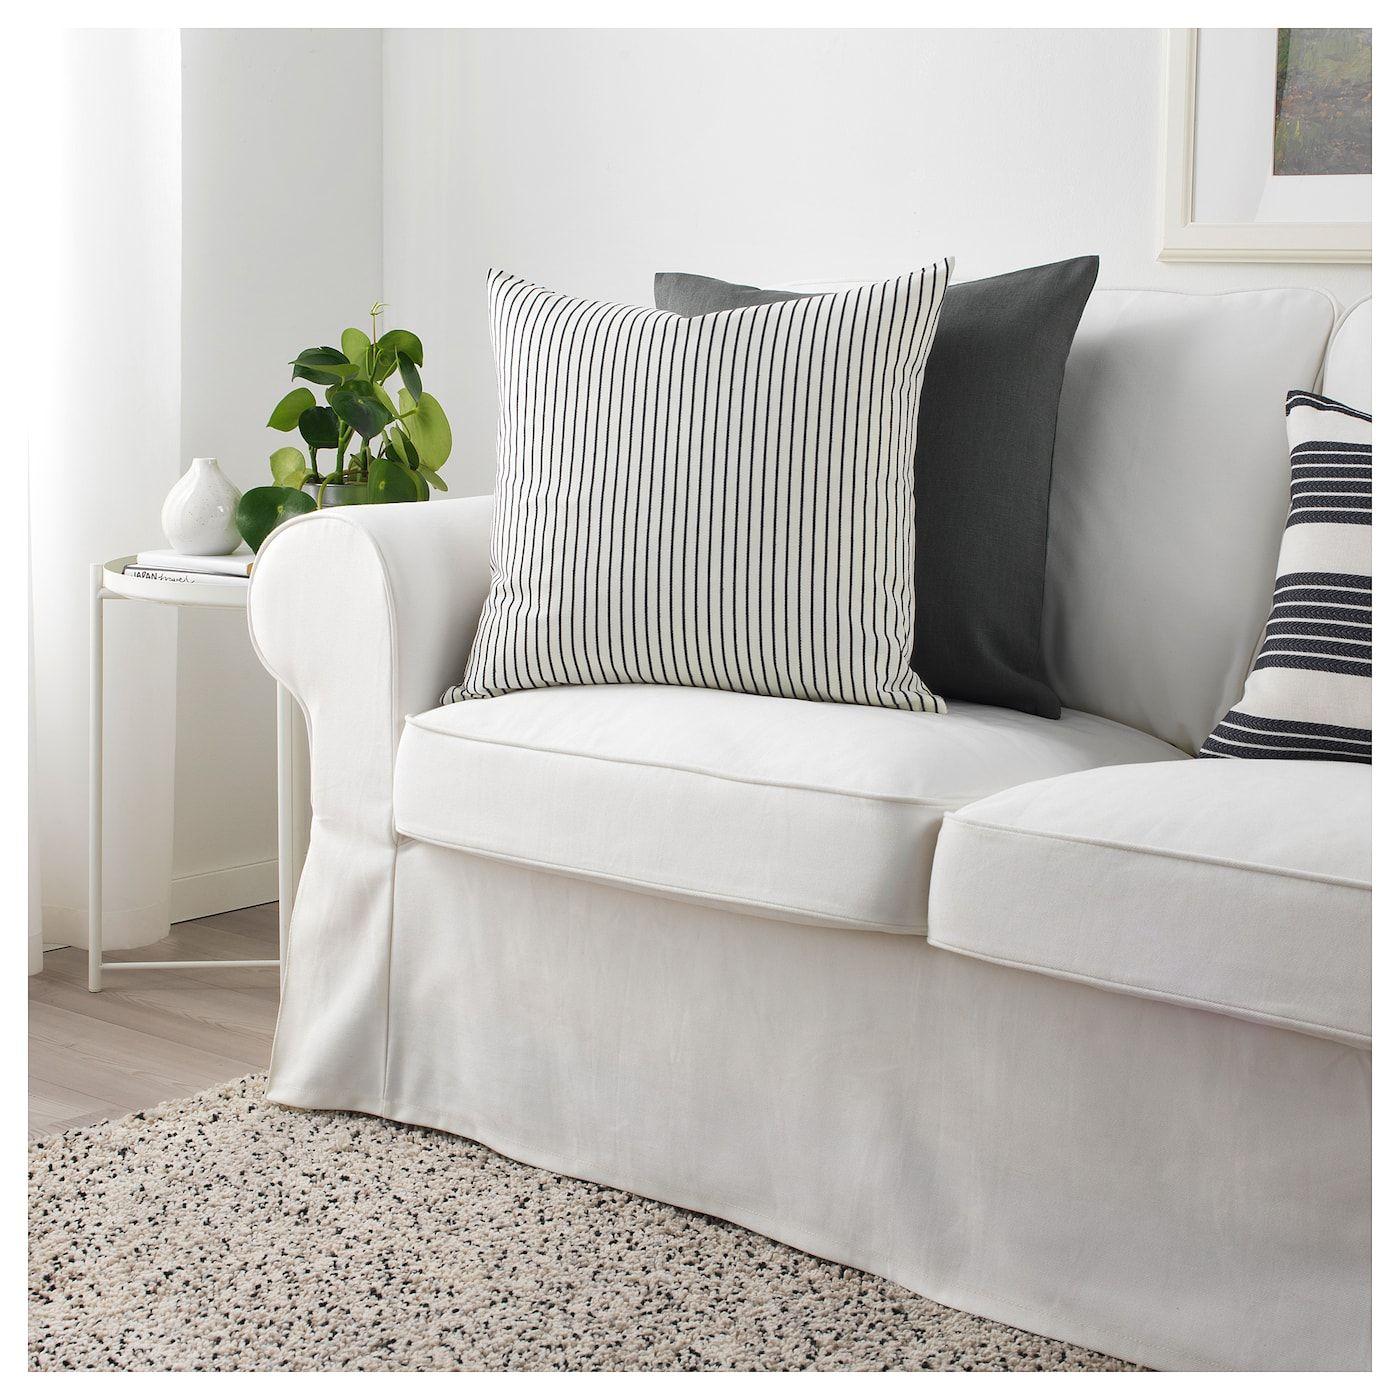 Ingalill Cushion Cover White Dark Gray Stripe Ikea Cushion Cover Cushions Grey Couch Covers